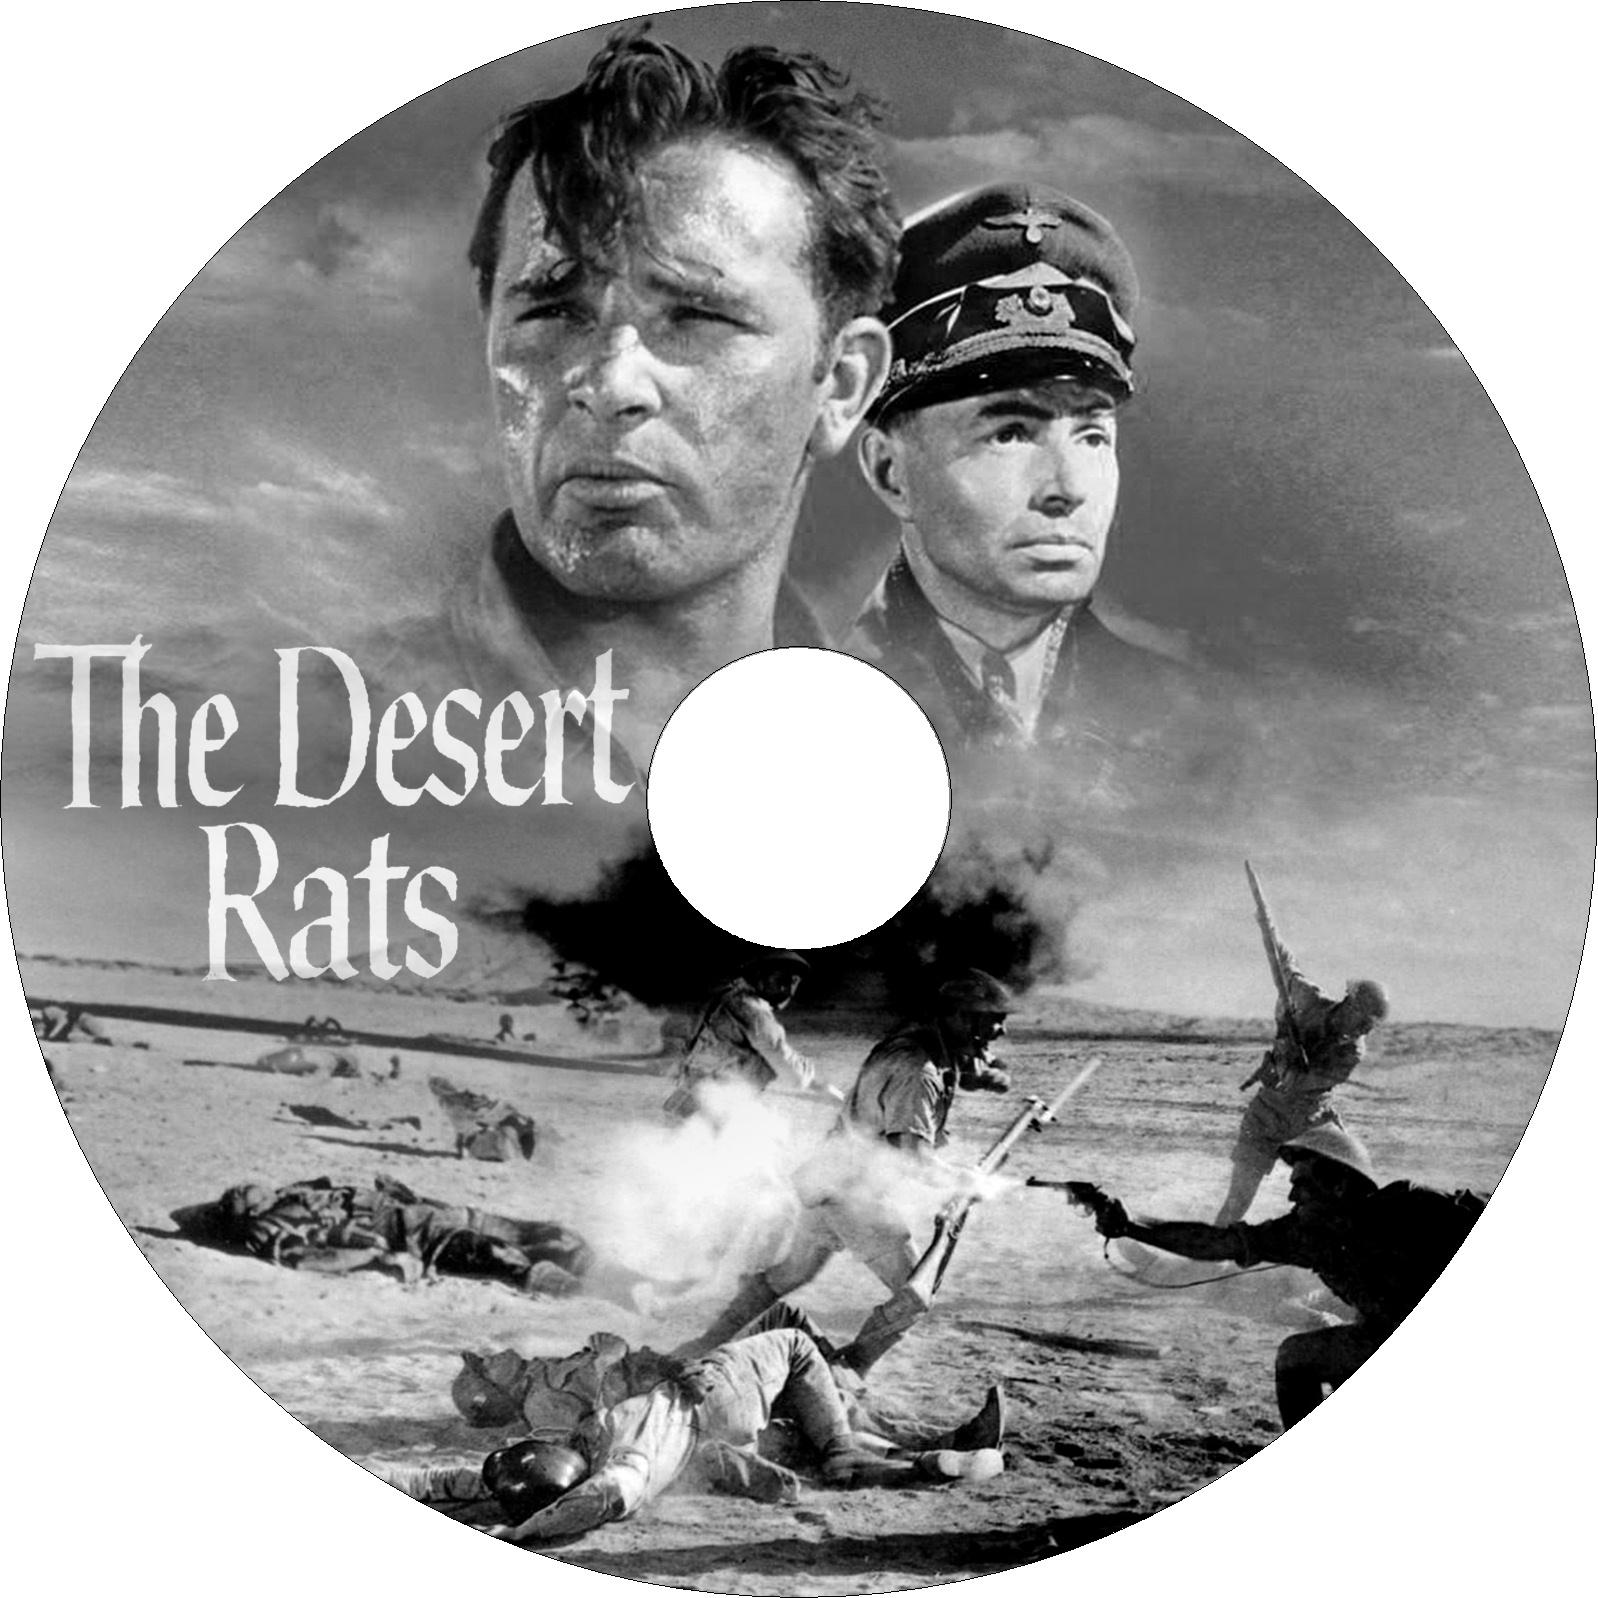 砂漠の鼠 ラベル改